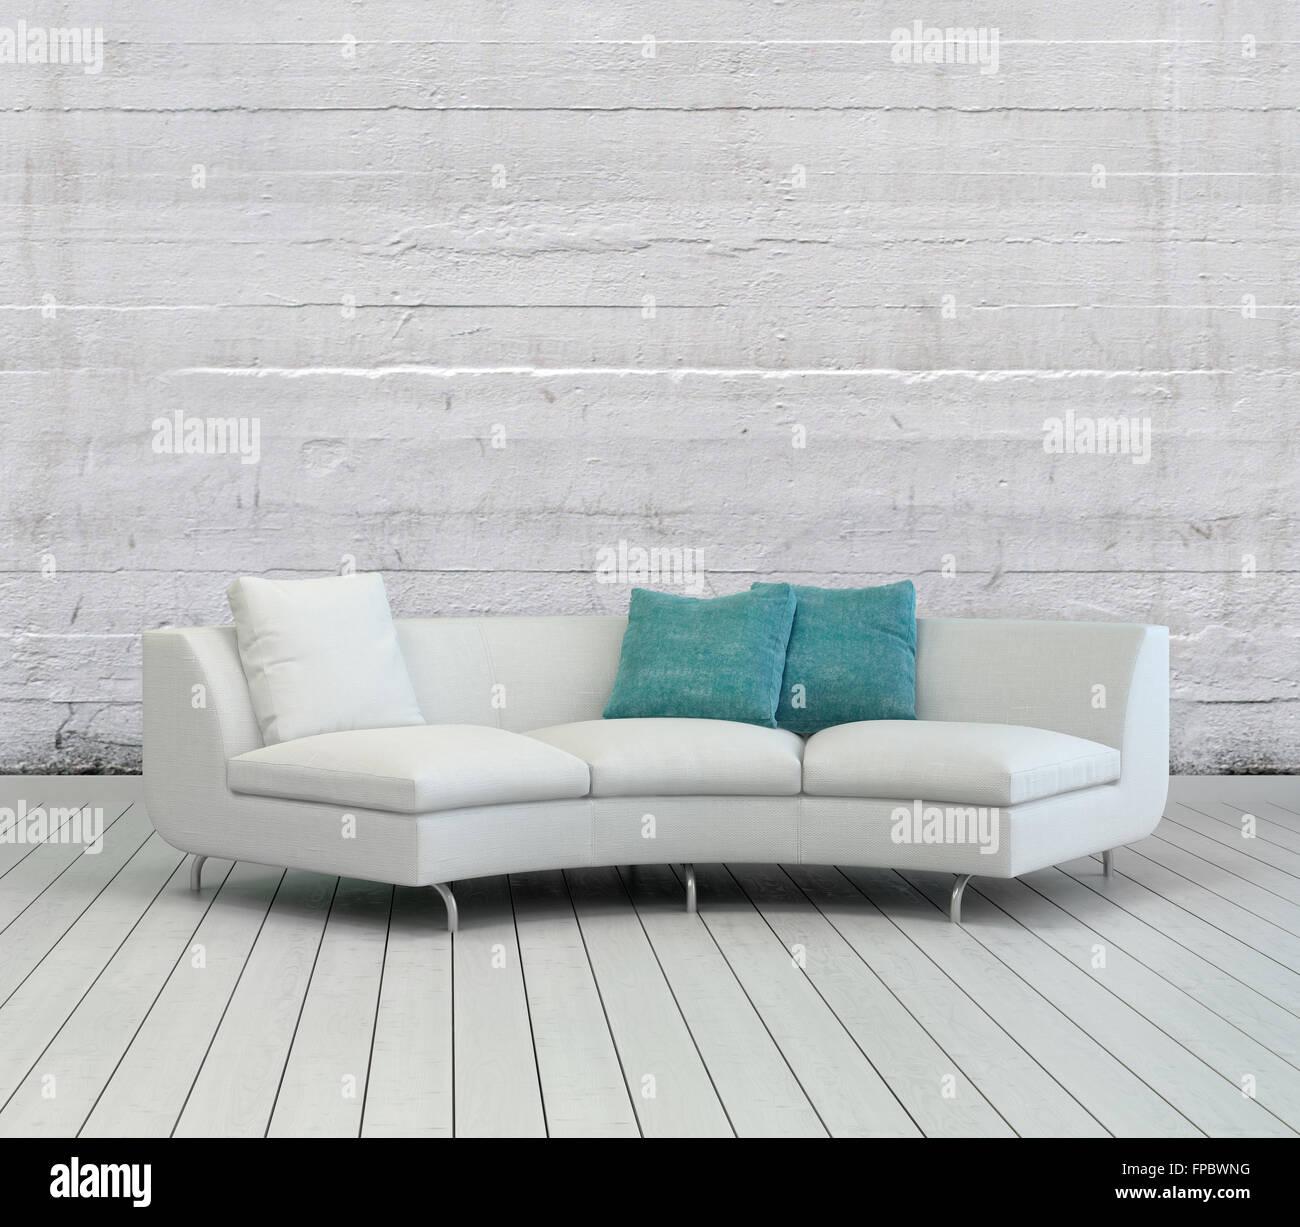 Eleganten Weißen Sofa Mit Weißen Und Grünen Kissen Auf Einer Leeren  Wohnzimmer Mit Strukturierte Weiße Wand Hintergrund Und Holzböden